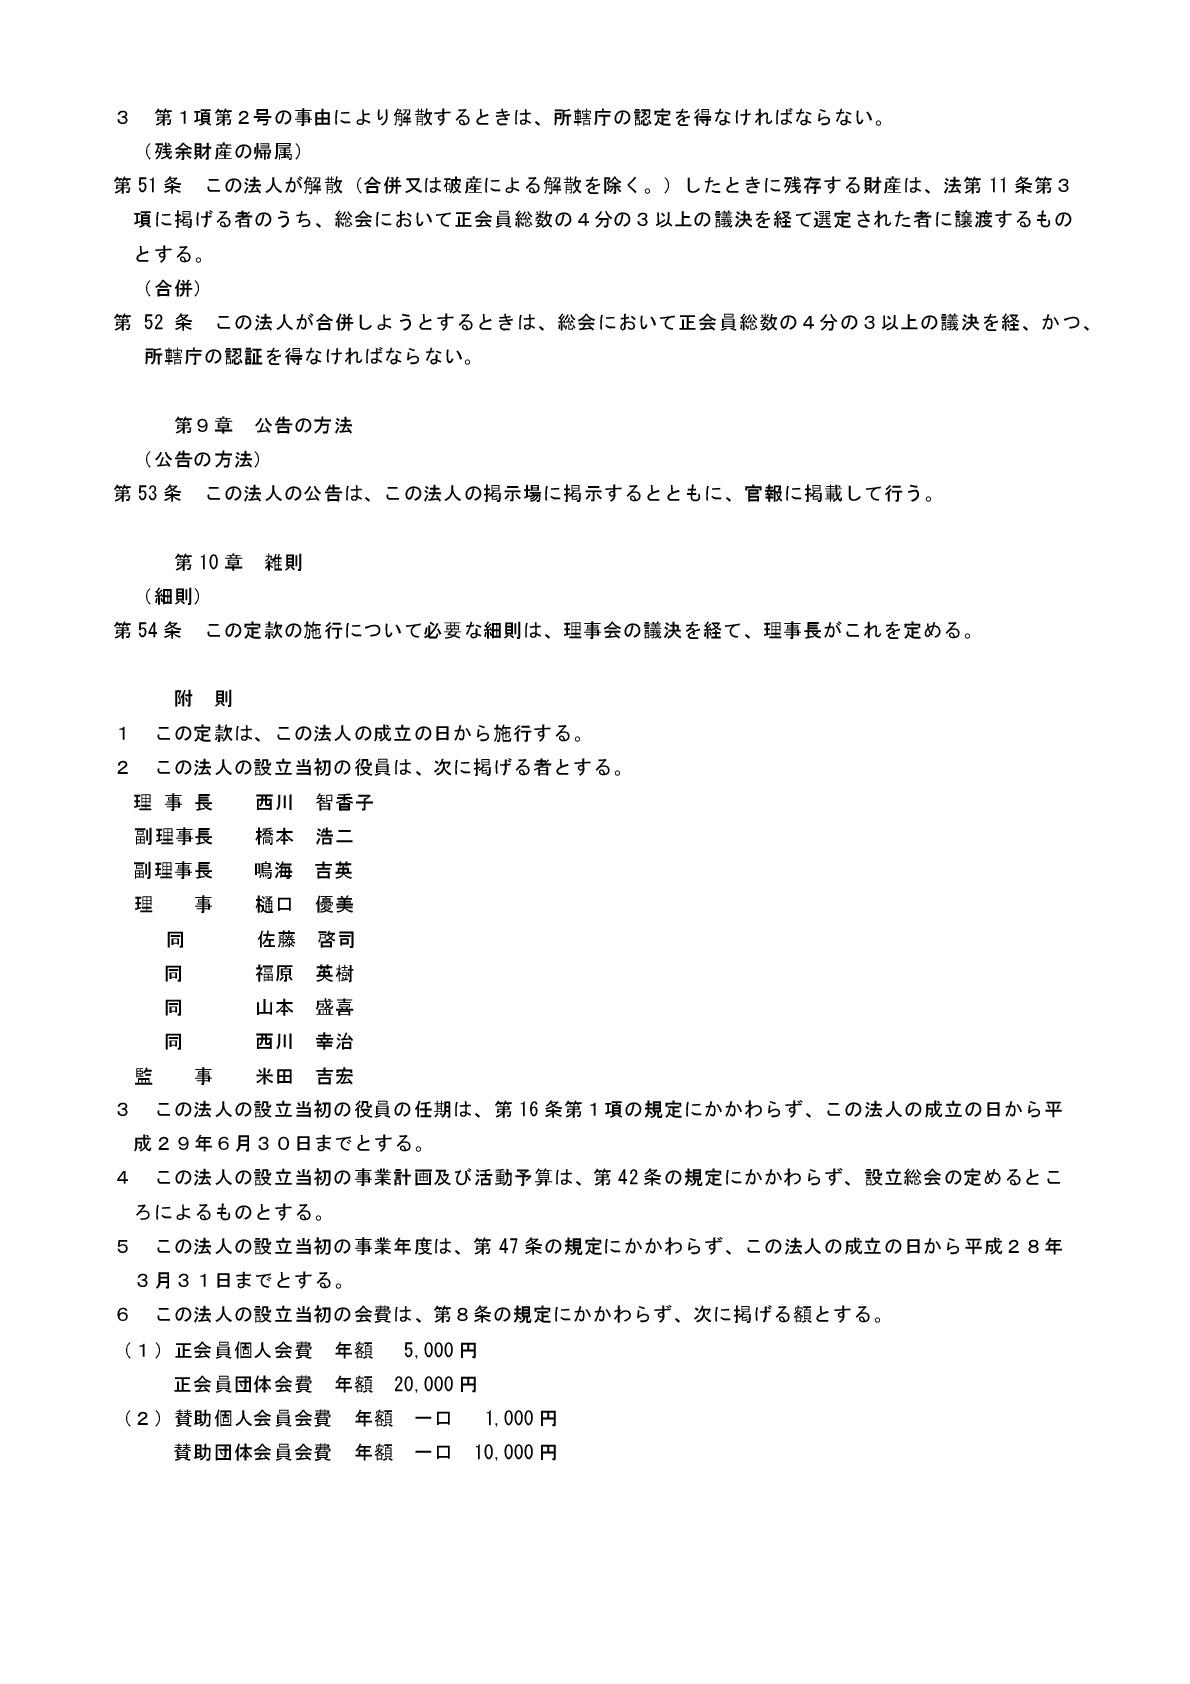 定款ページ8